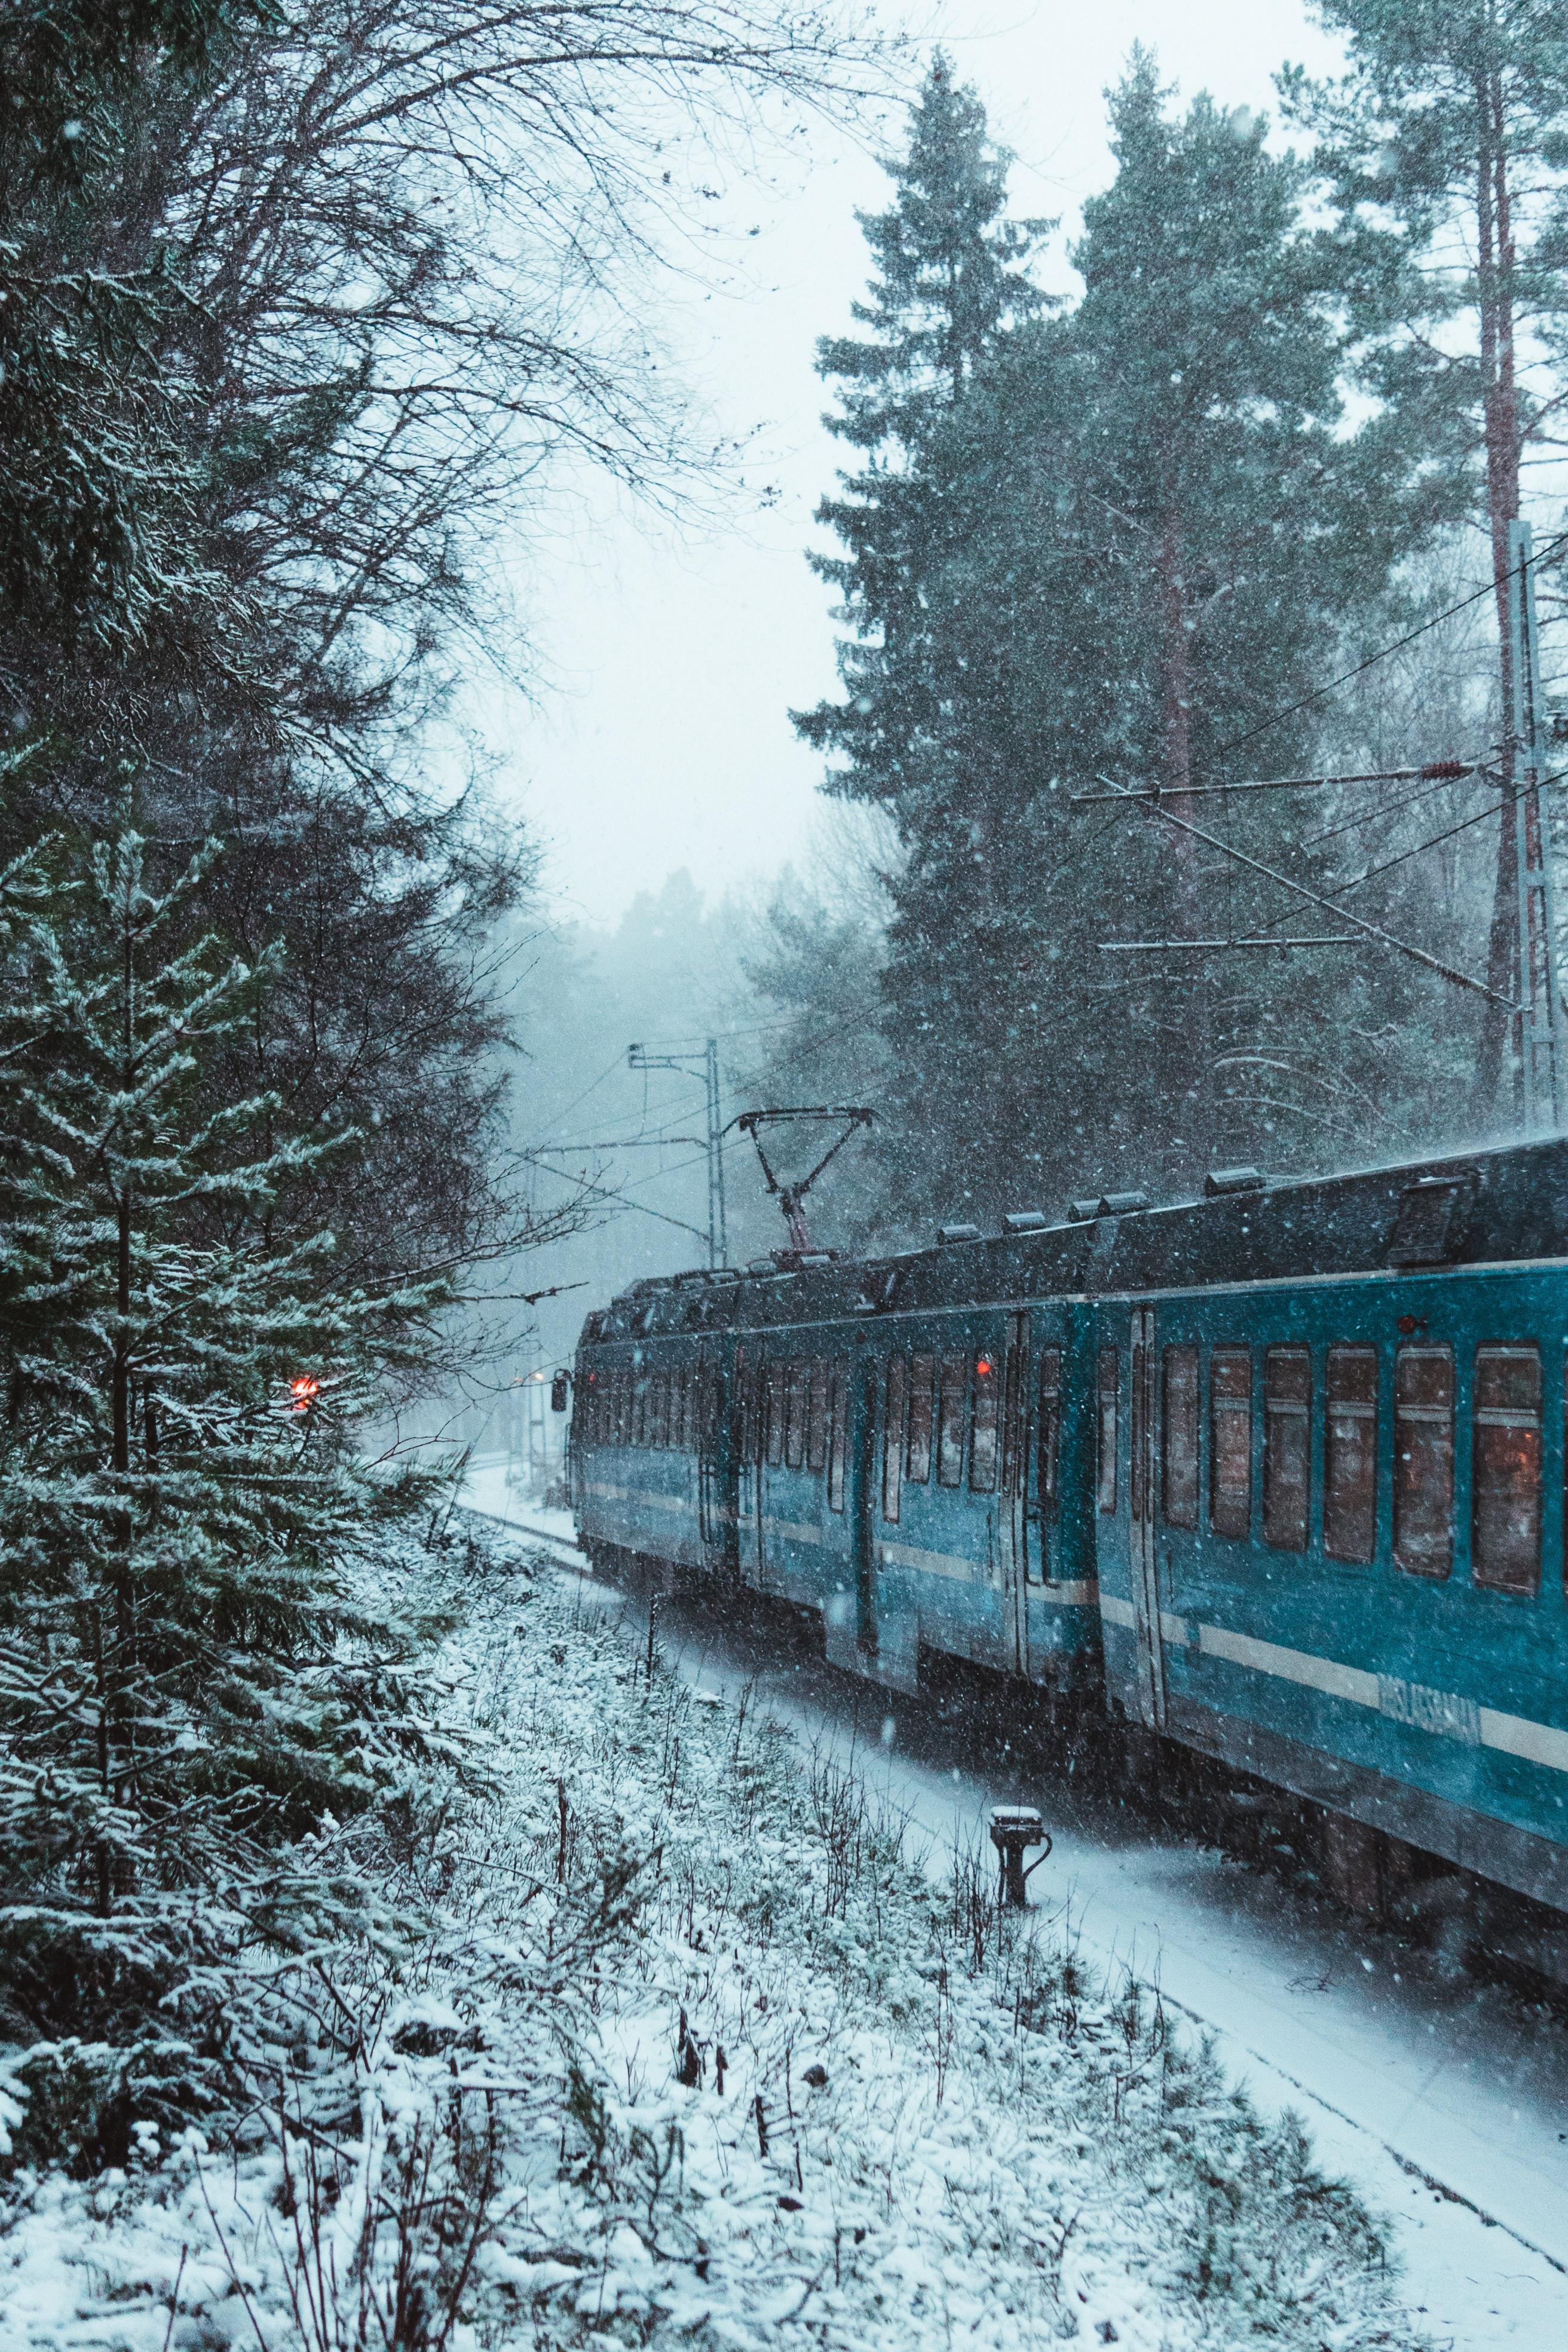 56060 Hintergrundbild herunterladen Verschiedenes, Winterreifen, Schnee, Sonstige, Wald, Ein Zug, Zug - Bildschirmschoner und Bilder kostenlos